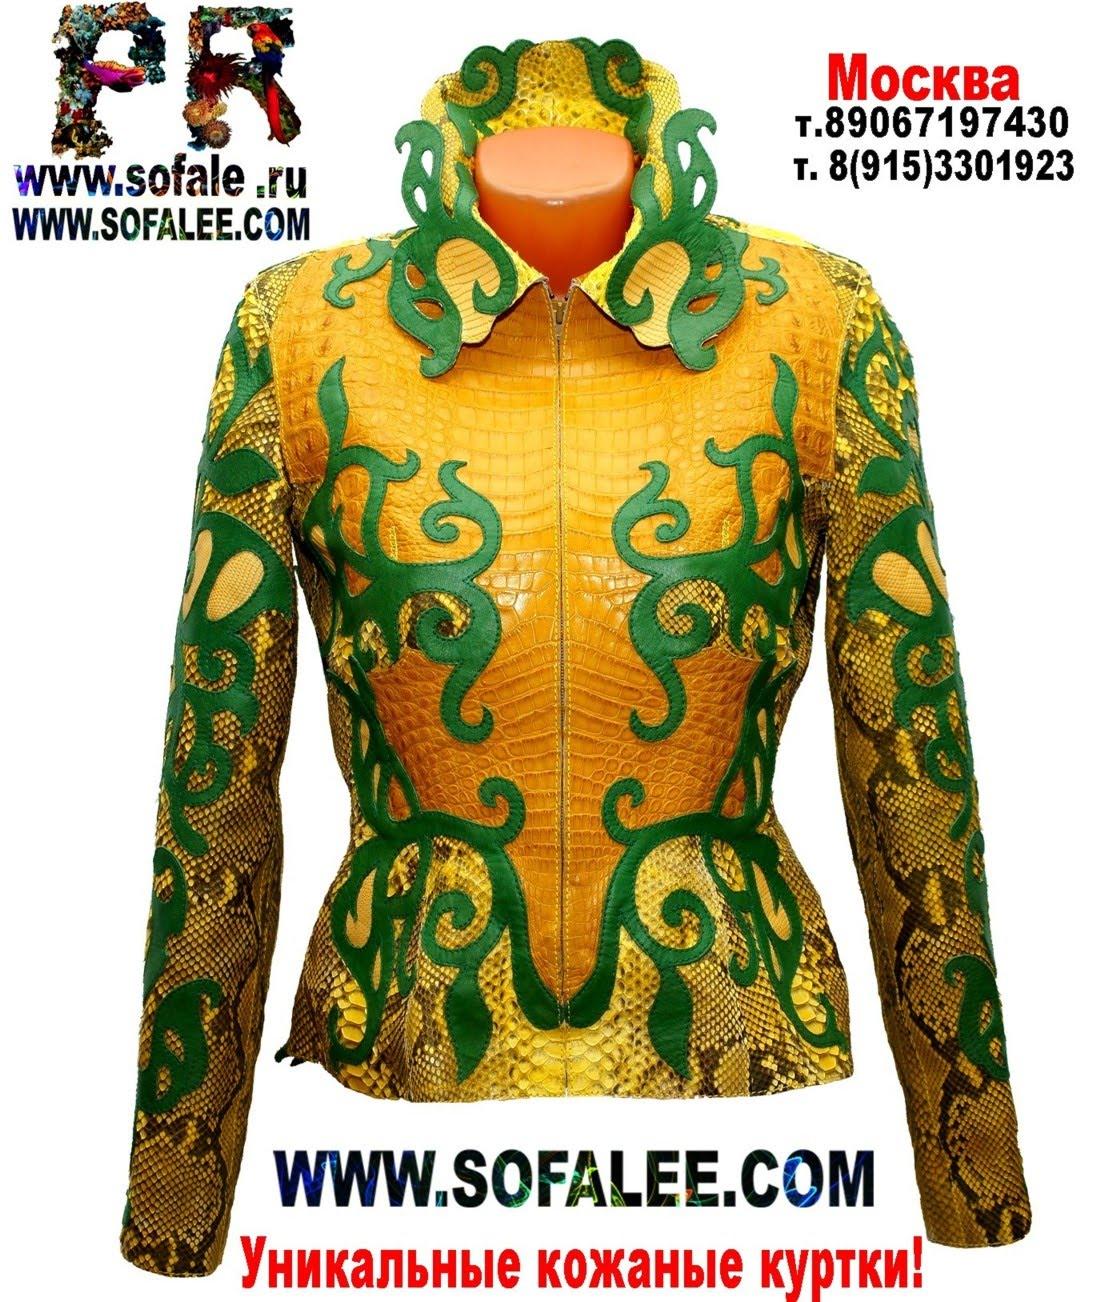 кожаная куртка из питона крокодила игуаны 1